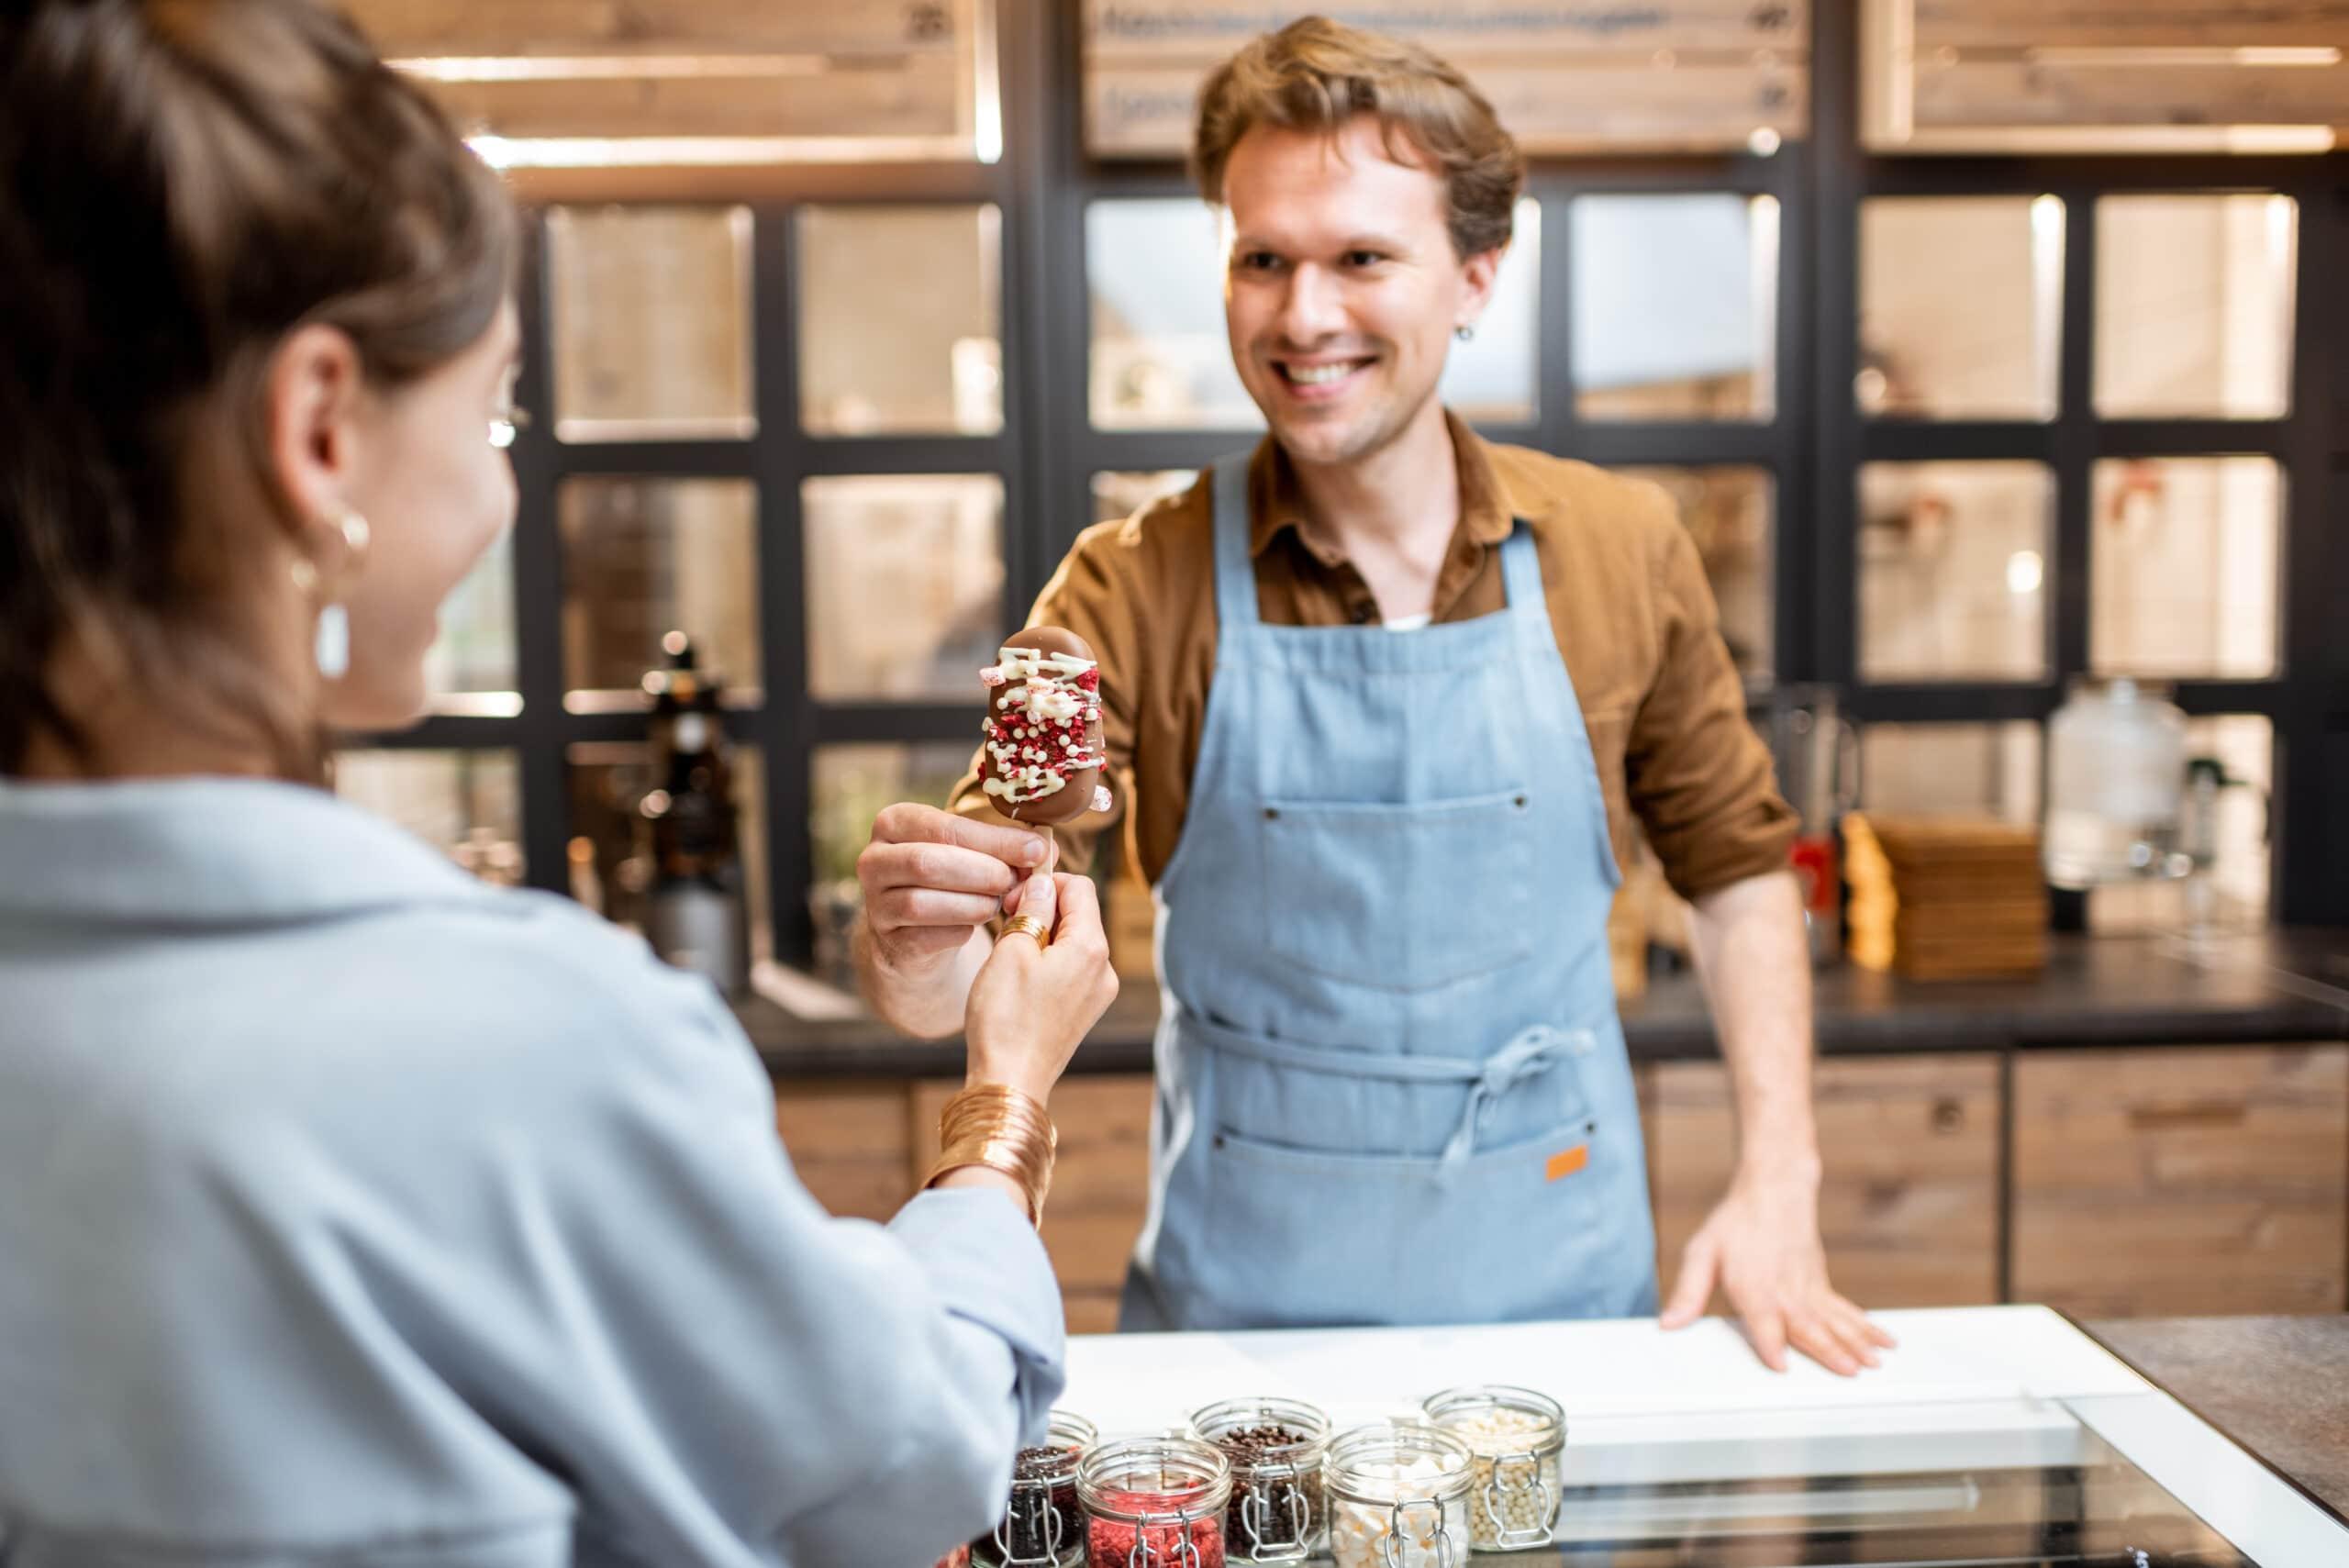 Kesätyö yrittäjänä. Jäätelömyyjä.